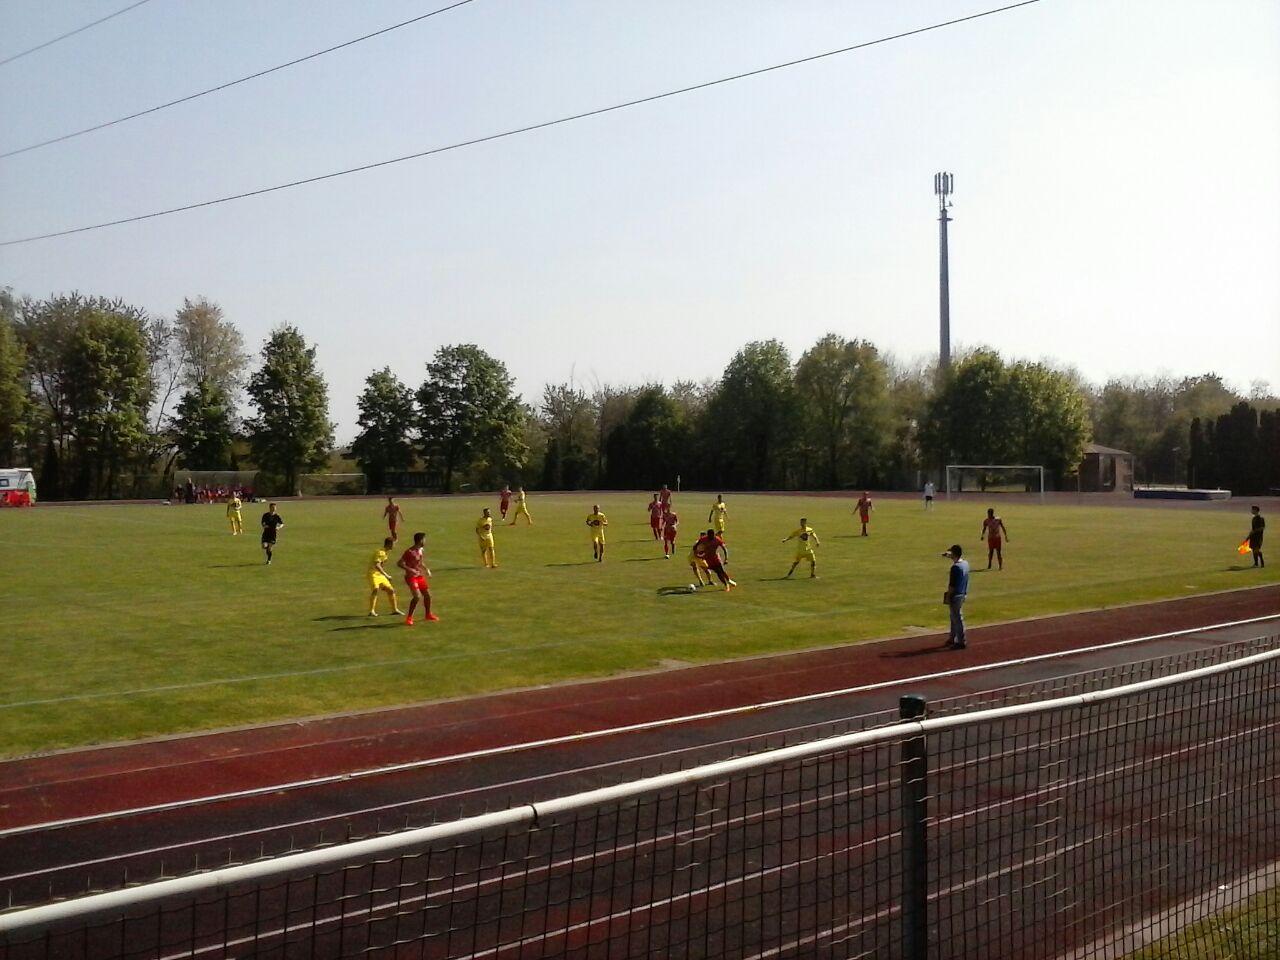 Promozione 28^ – La Castellanzese continua a vincere, Base 96 ko. Tris Mariano, pari Gavirate